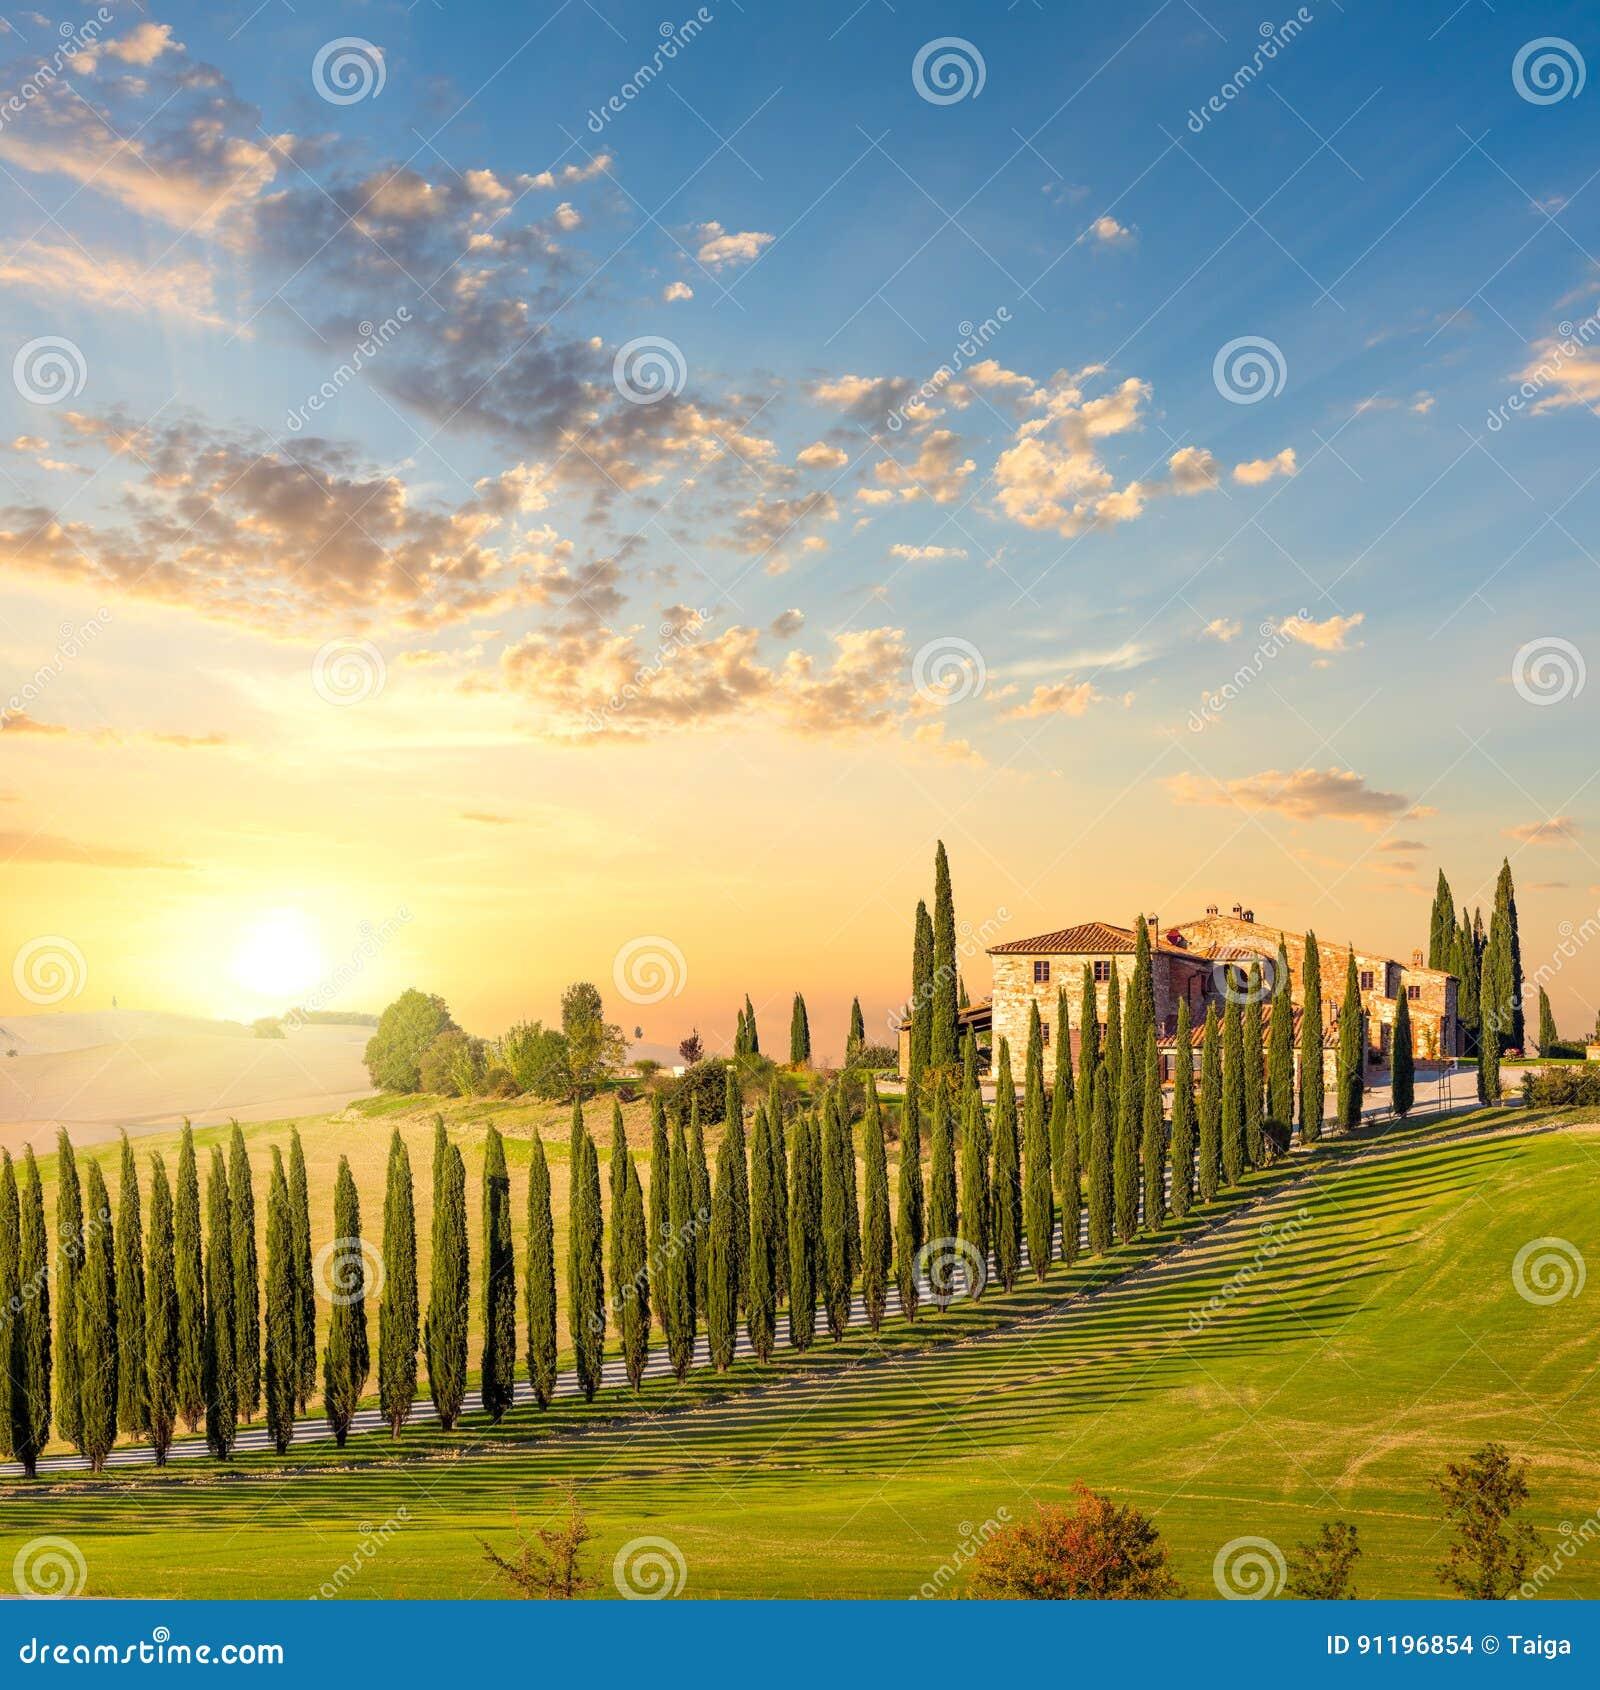 Toscânia no pôr do sol - estrada do campo com árvores e casa